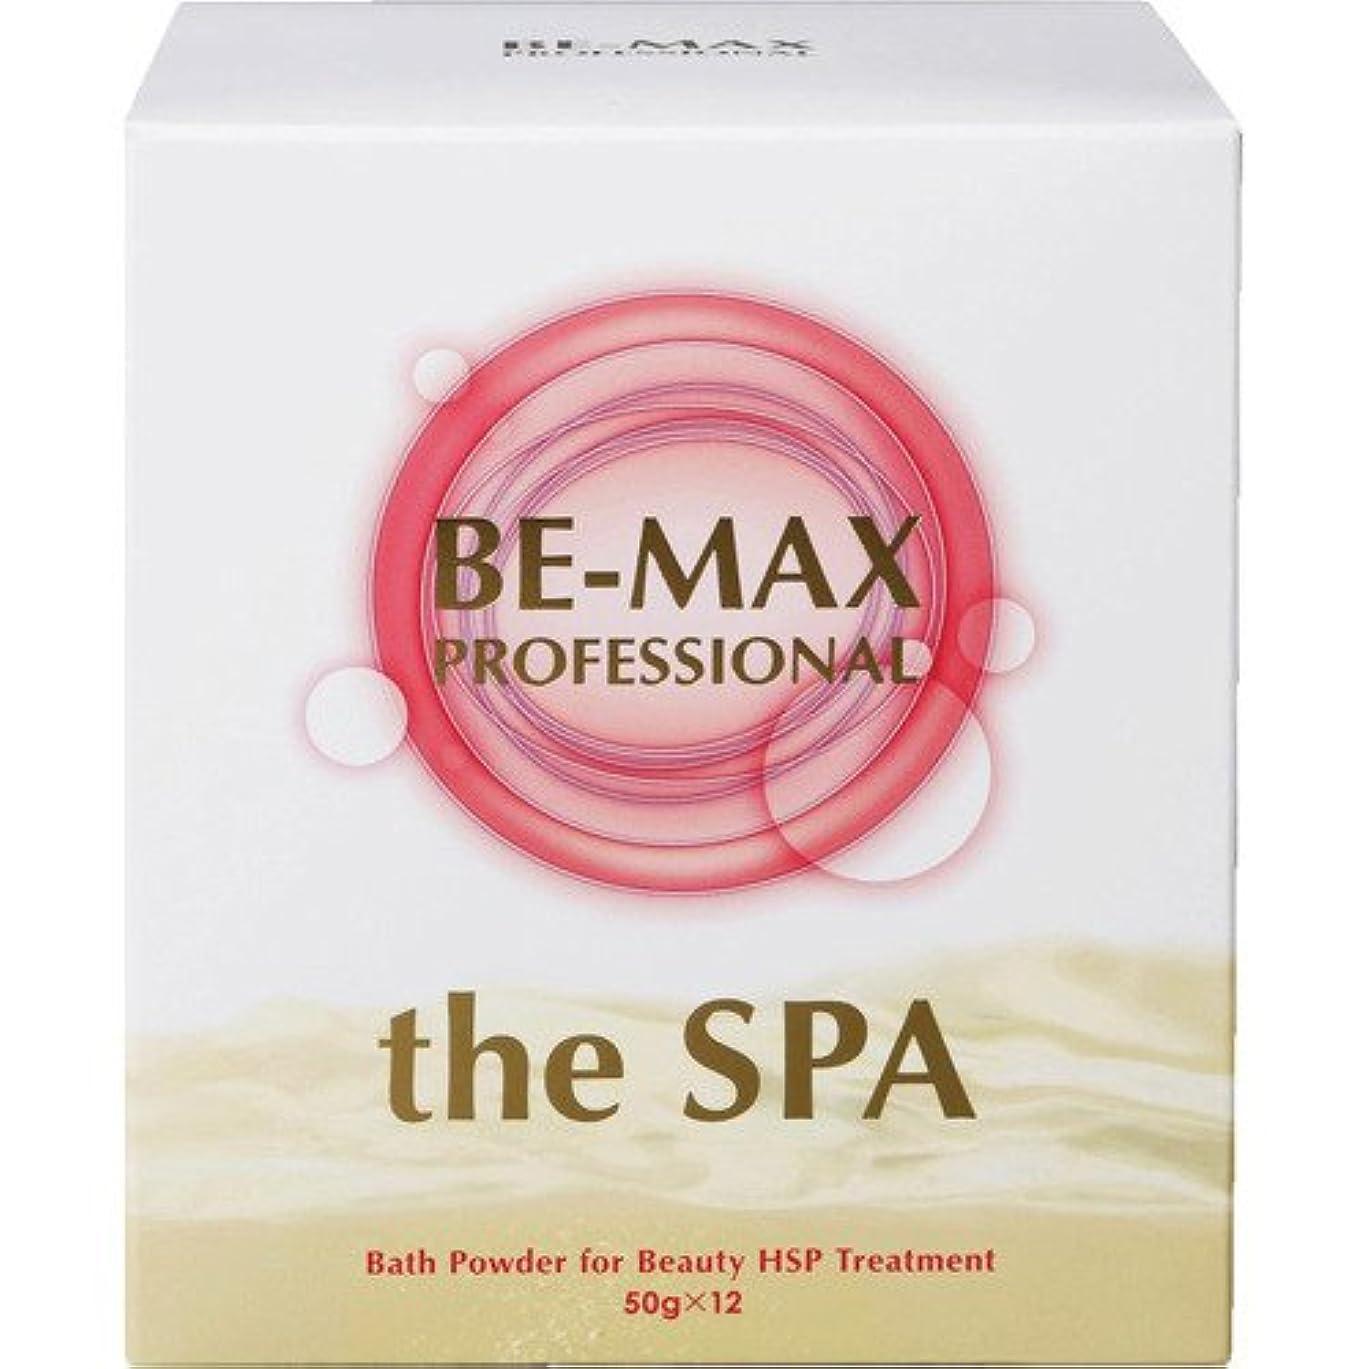 できる横に進化するBE-MAX the SPA 入浴剤 柑橘系ハーブ精油がふわりと香る微炭酸湯